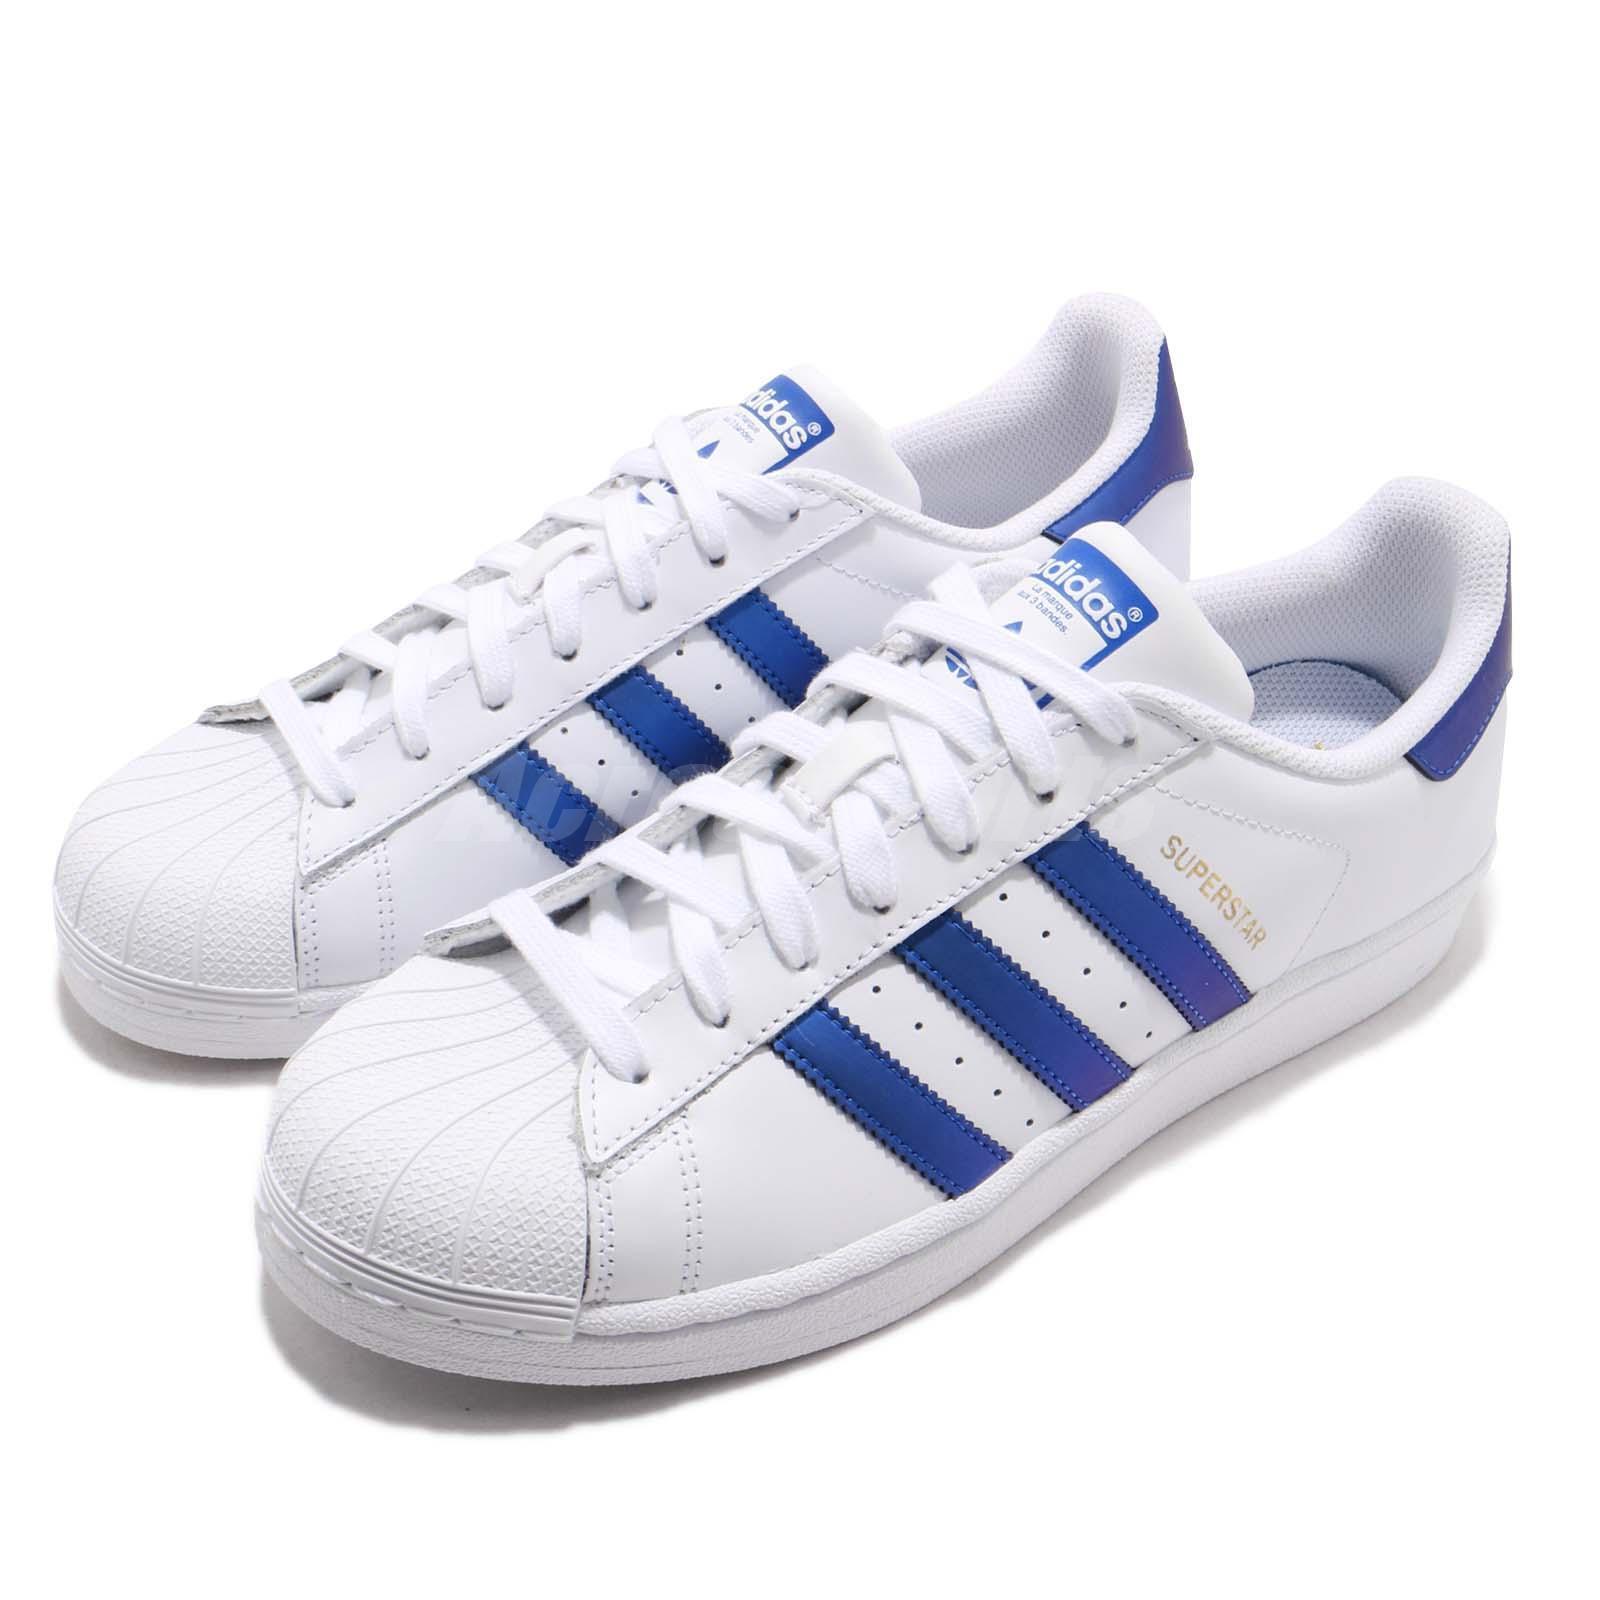 Adidas Originals Superstar blanco Core Navy oro Men Classic zapatos zapatilla de deporte D98000